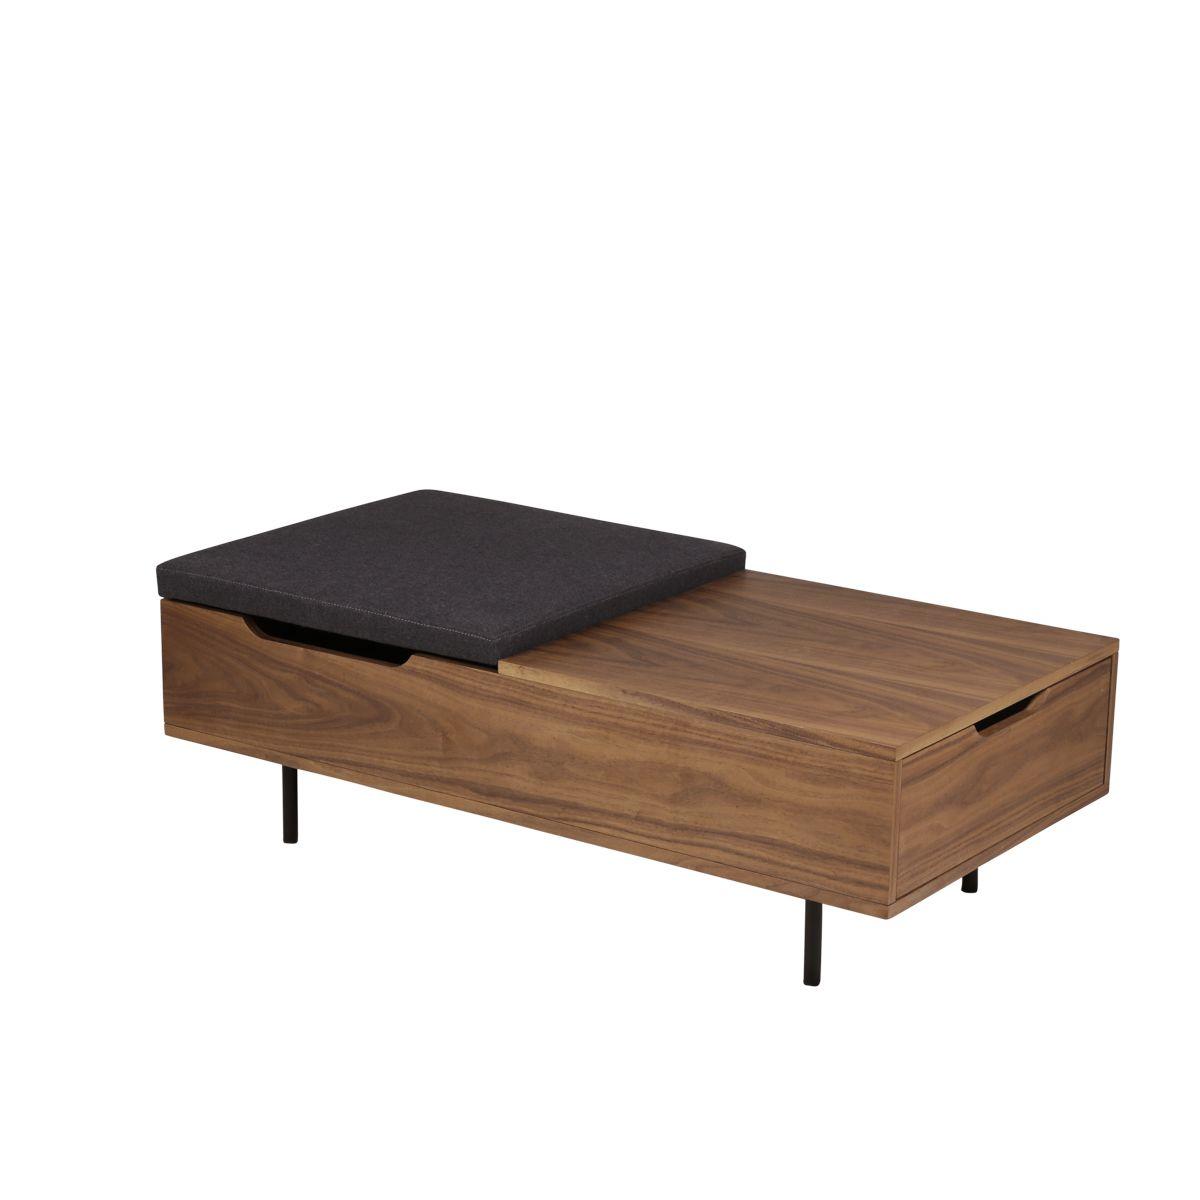 Table basse rectangulaire placage noyer, coffre intégré Abysse